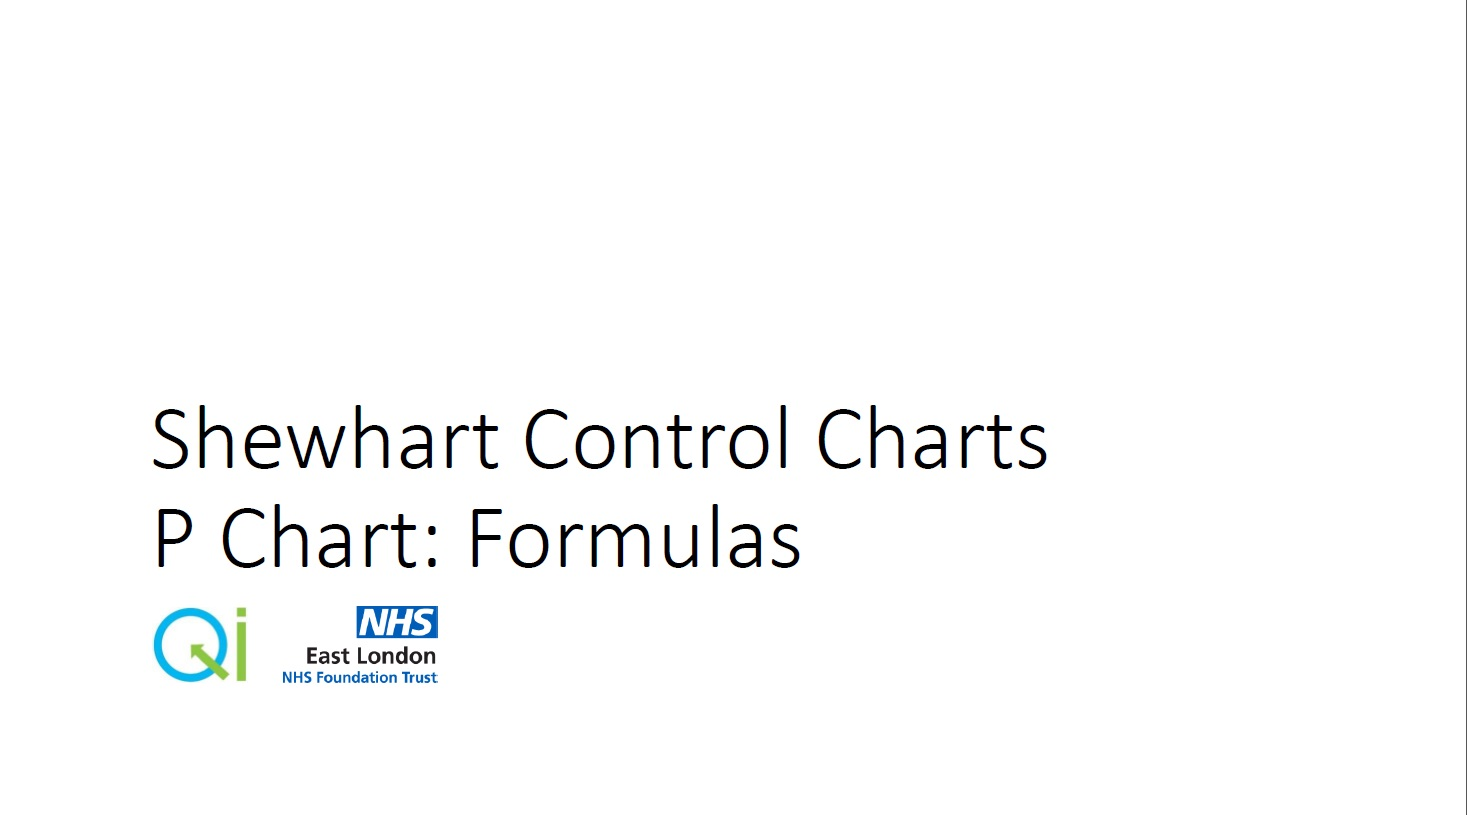 P Chart Formula : Quality Improvement – East London NHS Foundation Trust